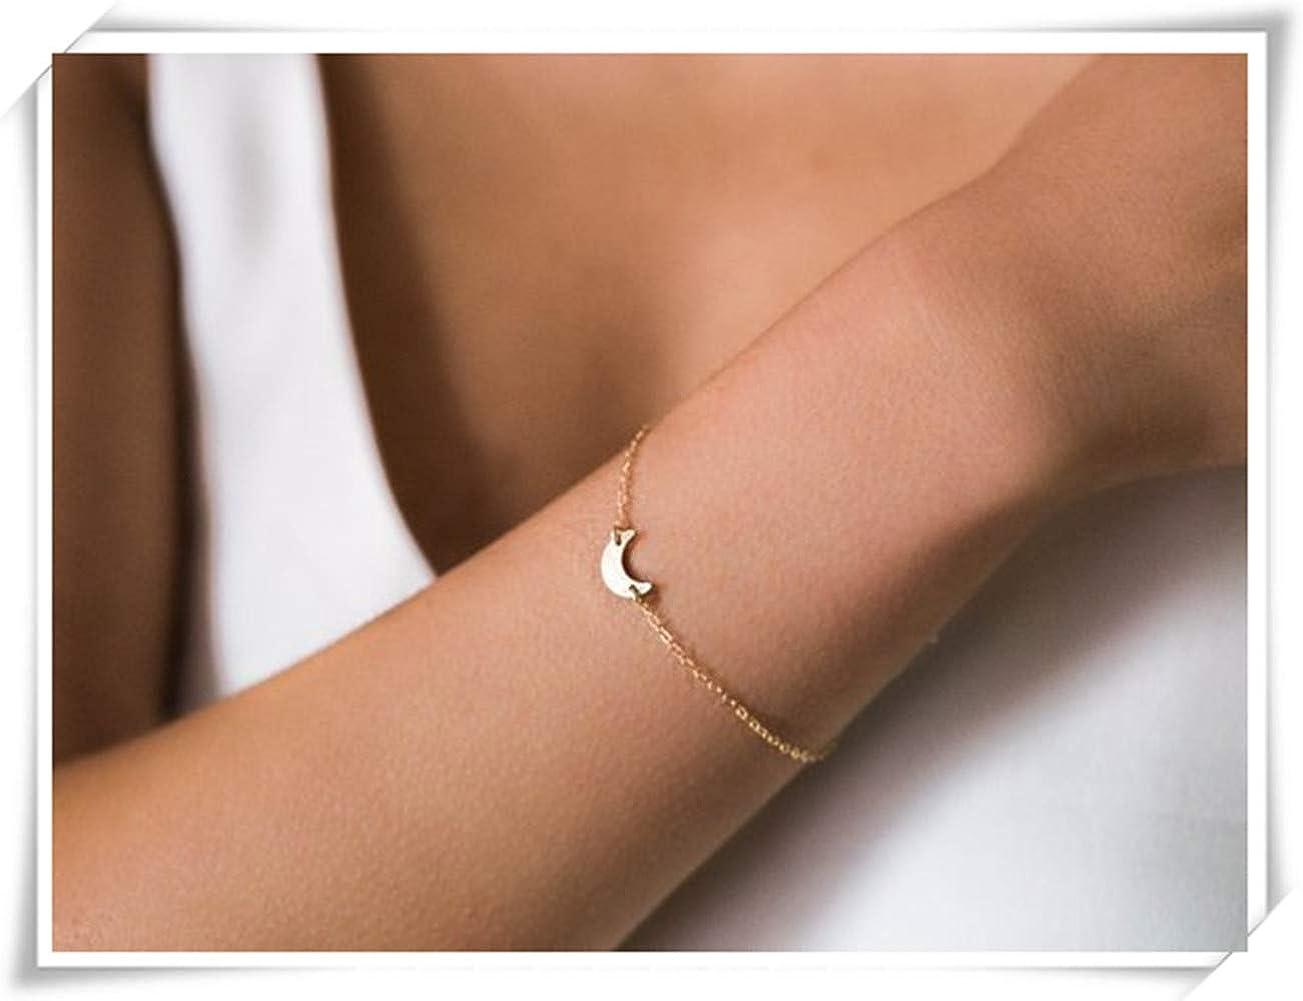 Gold Filled Moon Bracelet Tiny Gold Moon Bracelet Crescent Moon Bracelet Gifts for her Sideways Gold Moon Bracelet Small Moon Bracelet